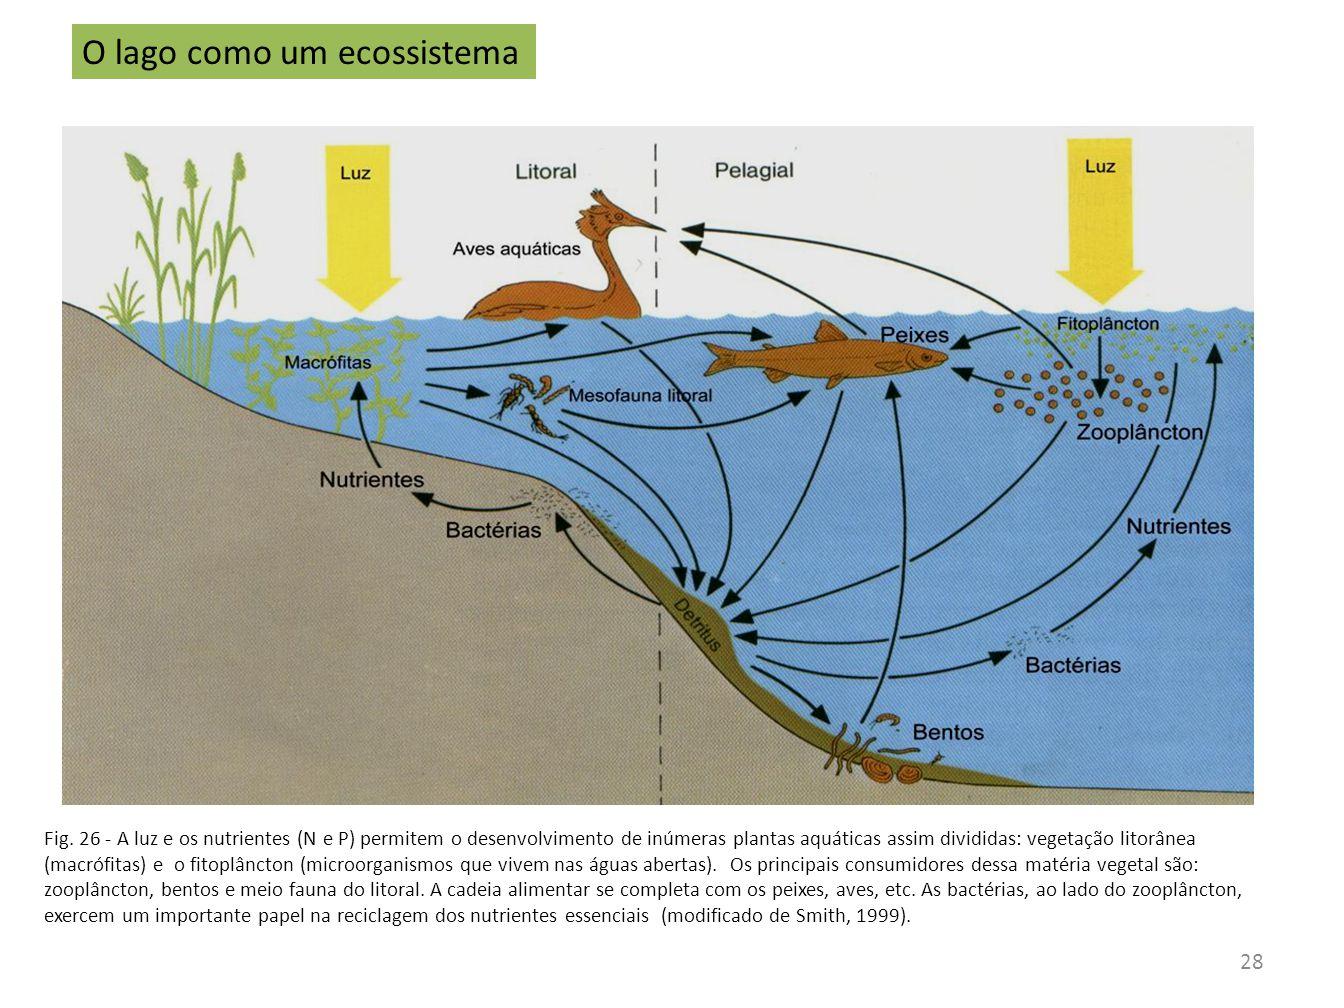 Fig. 26 - A luz e os nutrientes (N e P) permitem o desenvolvimento de inúmeras plantas aquáticas assim divididas: vegetação litorânea (macrófitas) e o